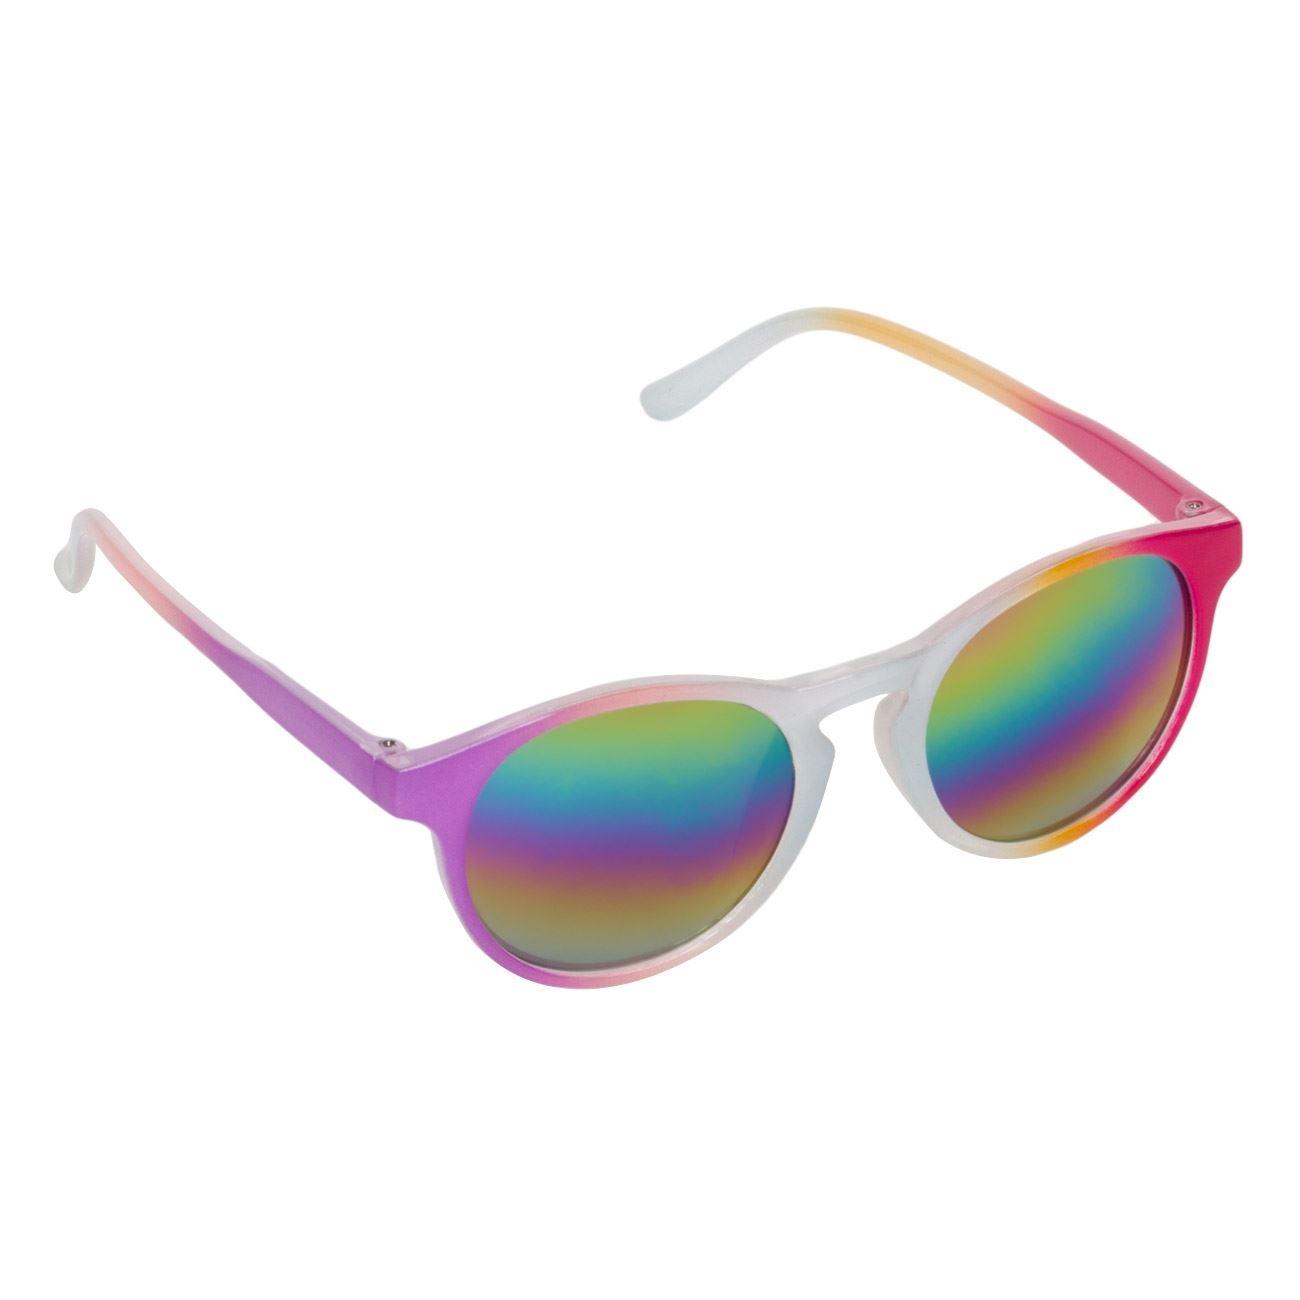 1d4798d219 Γυαλιά Ηλίου Παιδικά Rainbow Καθρέφτες   Γυαλιά Ηλίου Για Κορίτσια ...